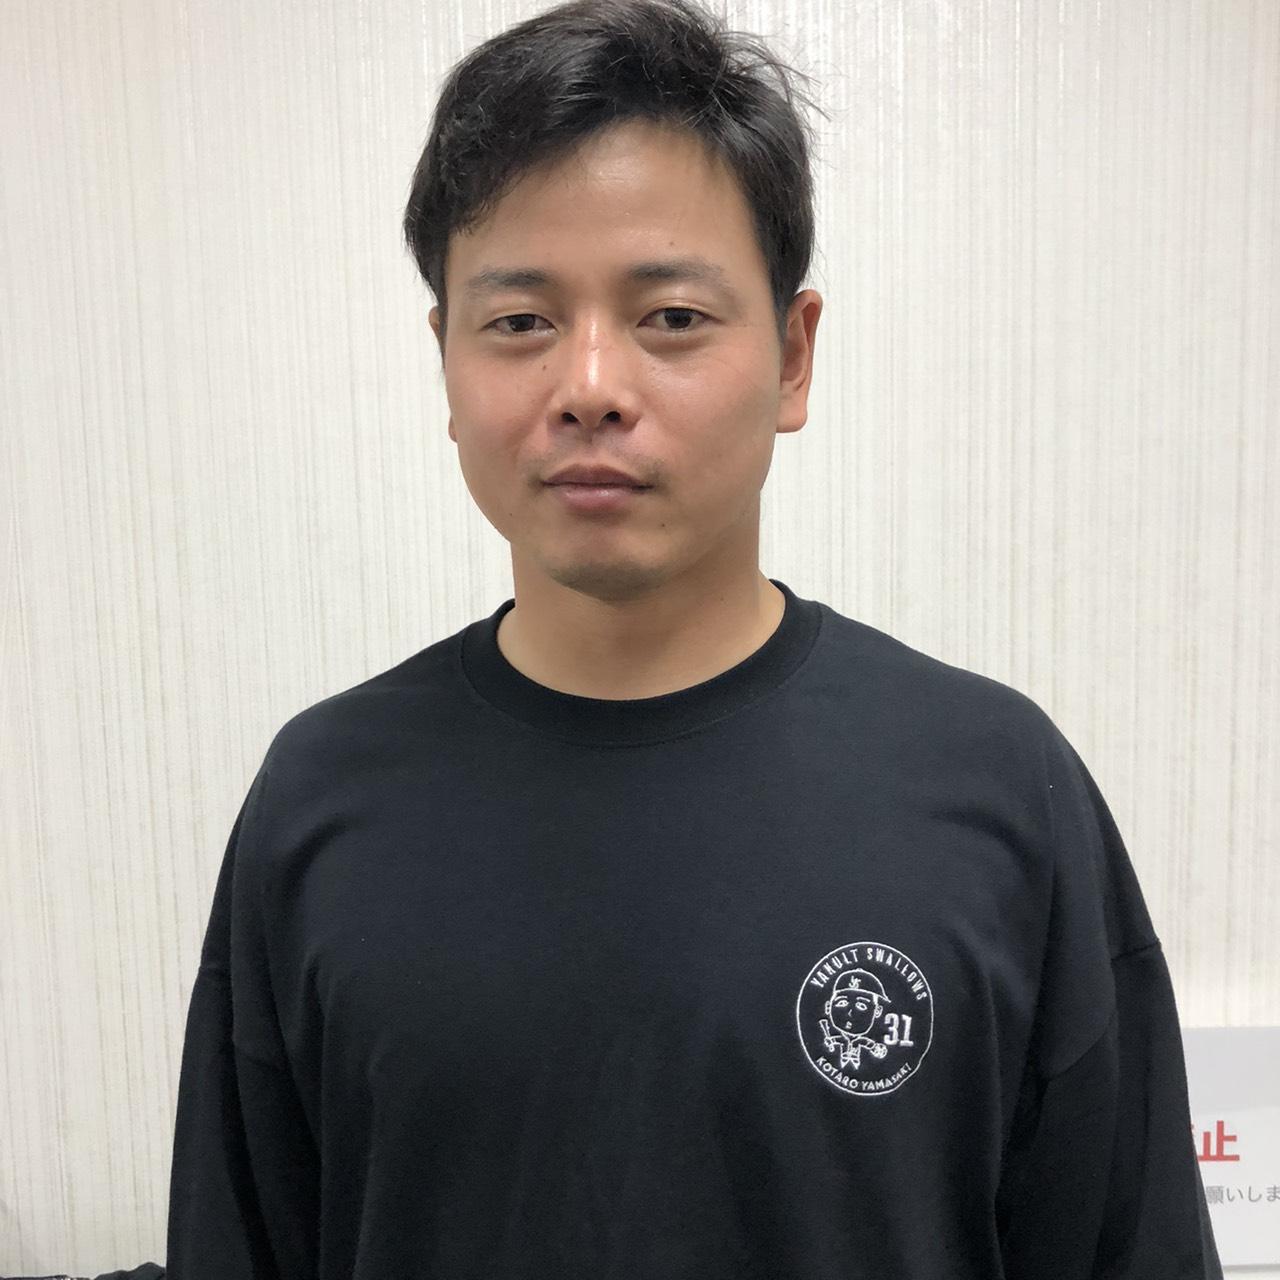 山崎選手自画像ビッグシルエットTシャツ(ブラック)